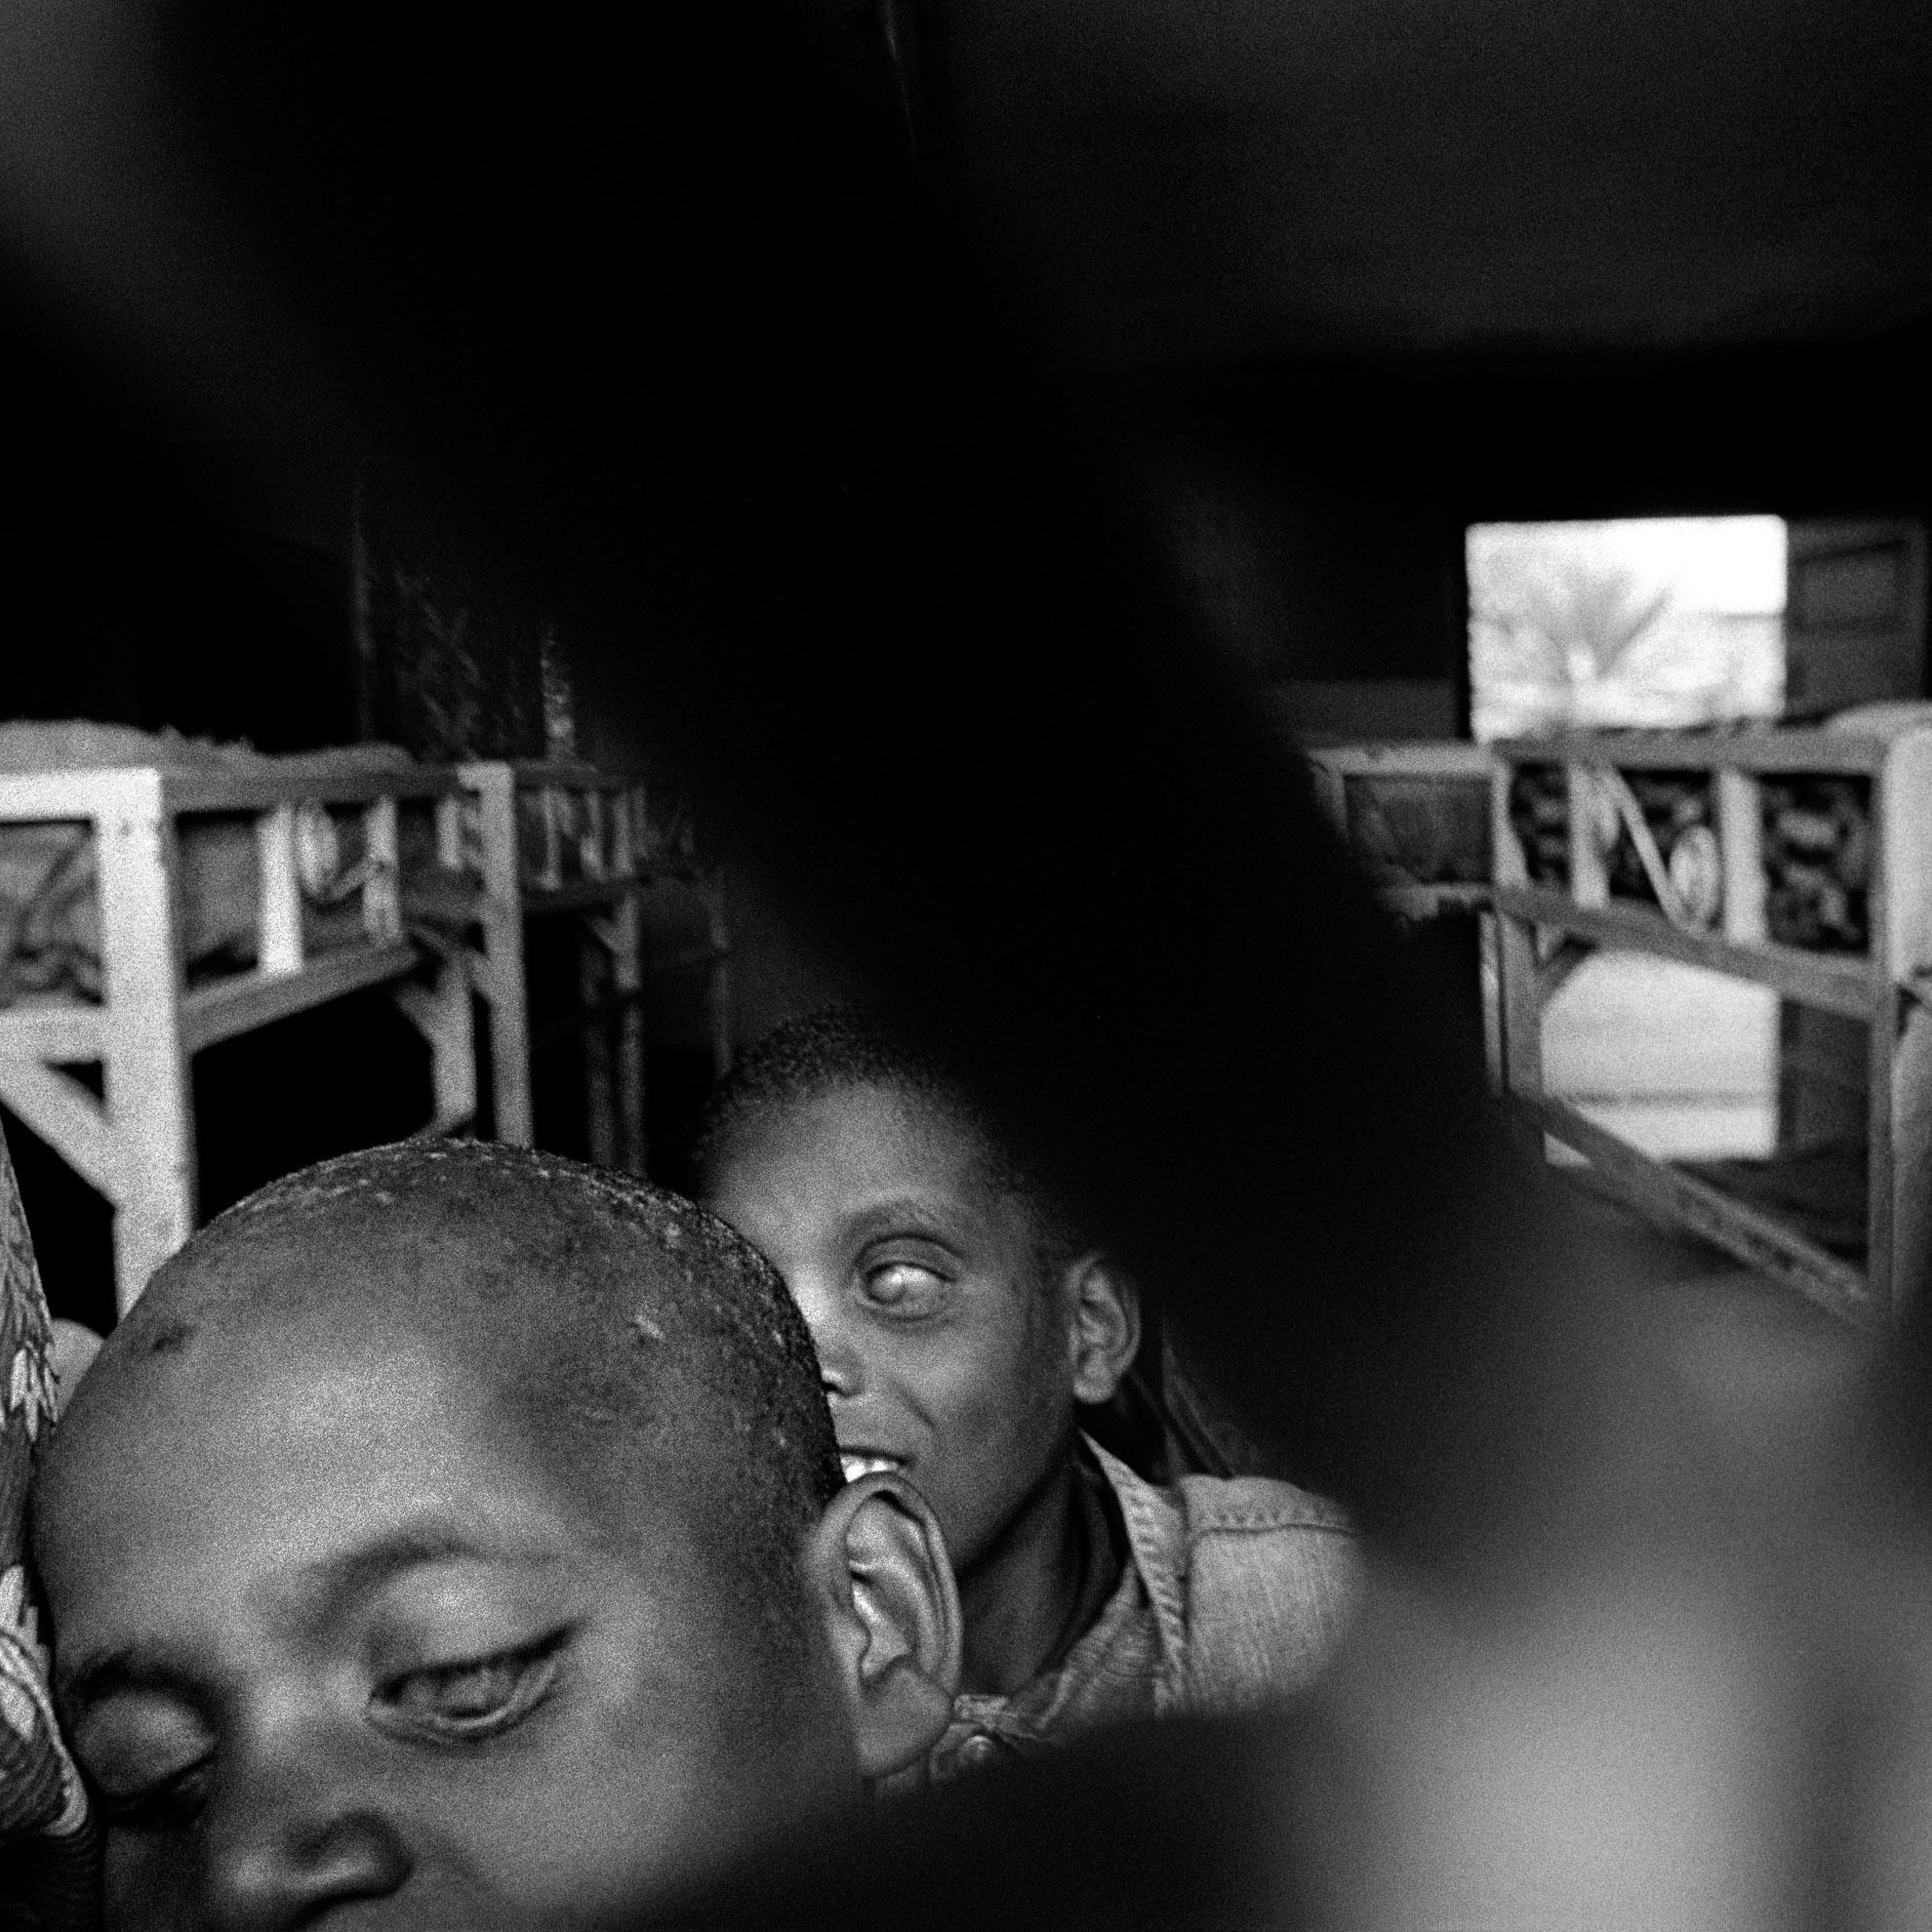 Algunas personas invidentes viven permanentemente en Wolayta, otras solamente acuden durante el día, para acudir a las clases y actividades de formación. La escuela carece de suficientes materiales y personal docente.